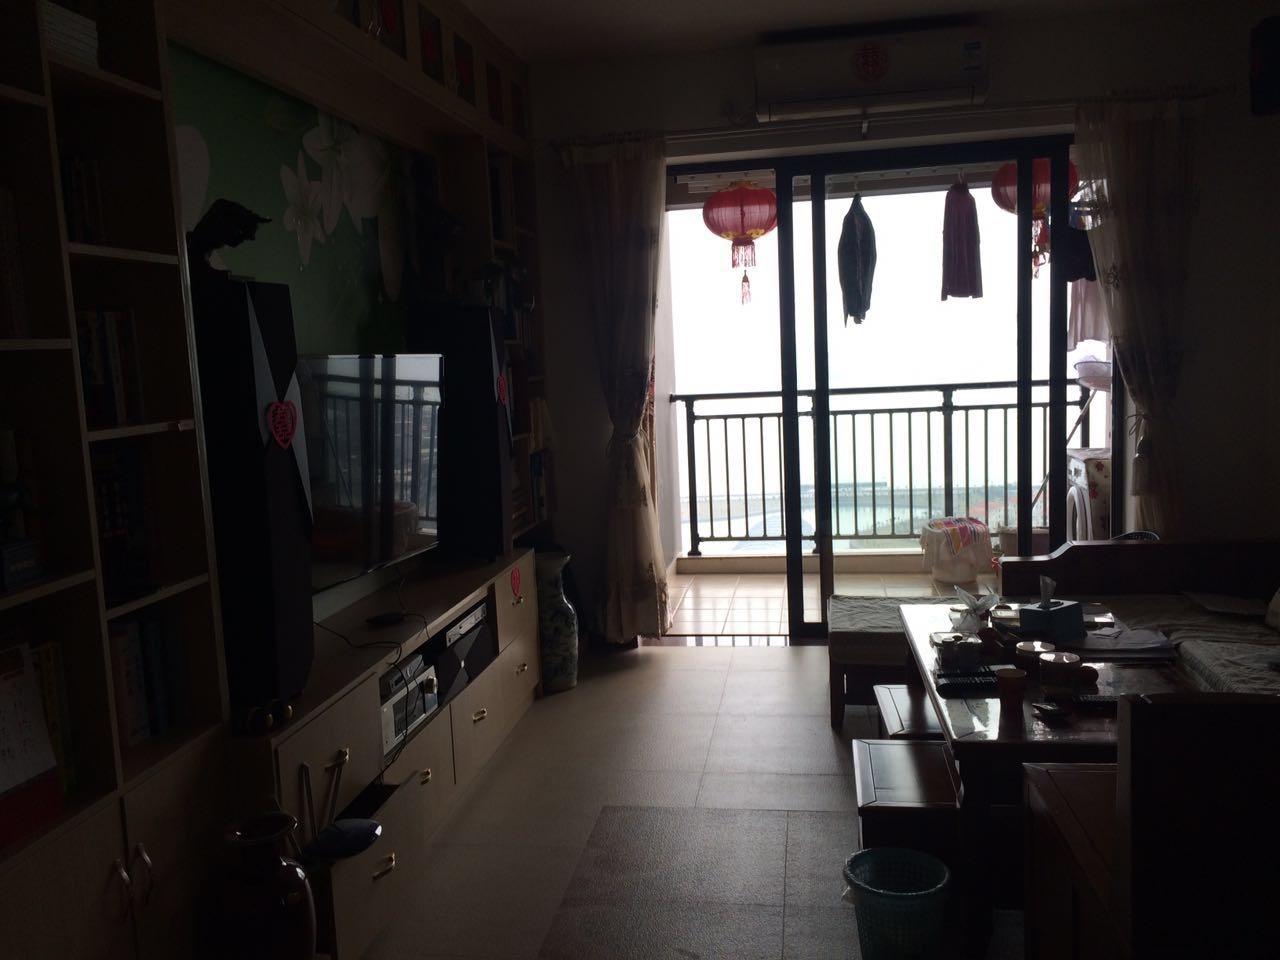 联发杏林湾一号 精装 热卖三房 户型正气 全朝南 阳光天天见